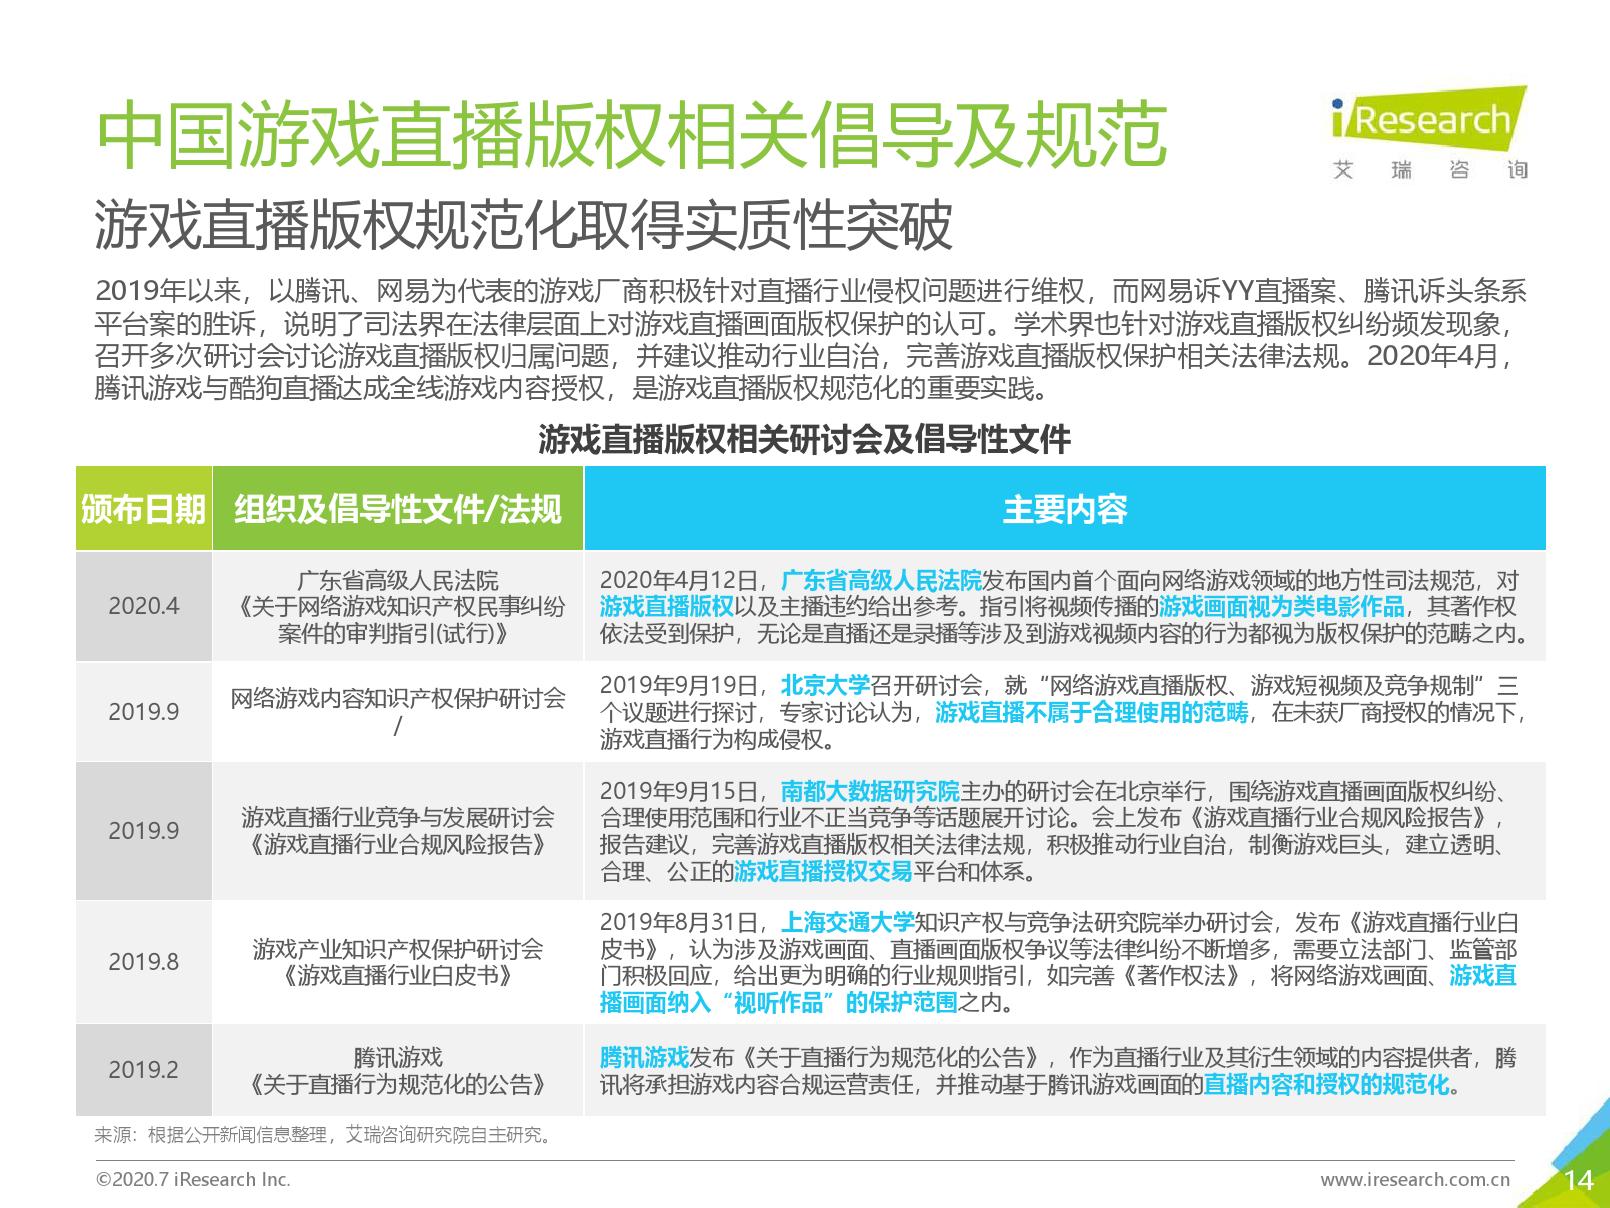 艾瑞咨询:2020年中国游戏直播行业研究报告(可下载报告)插图(27)